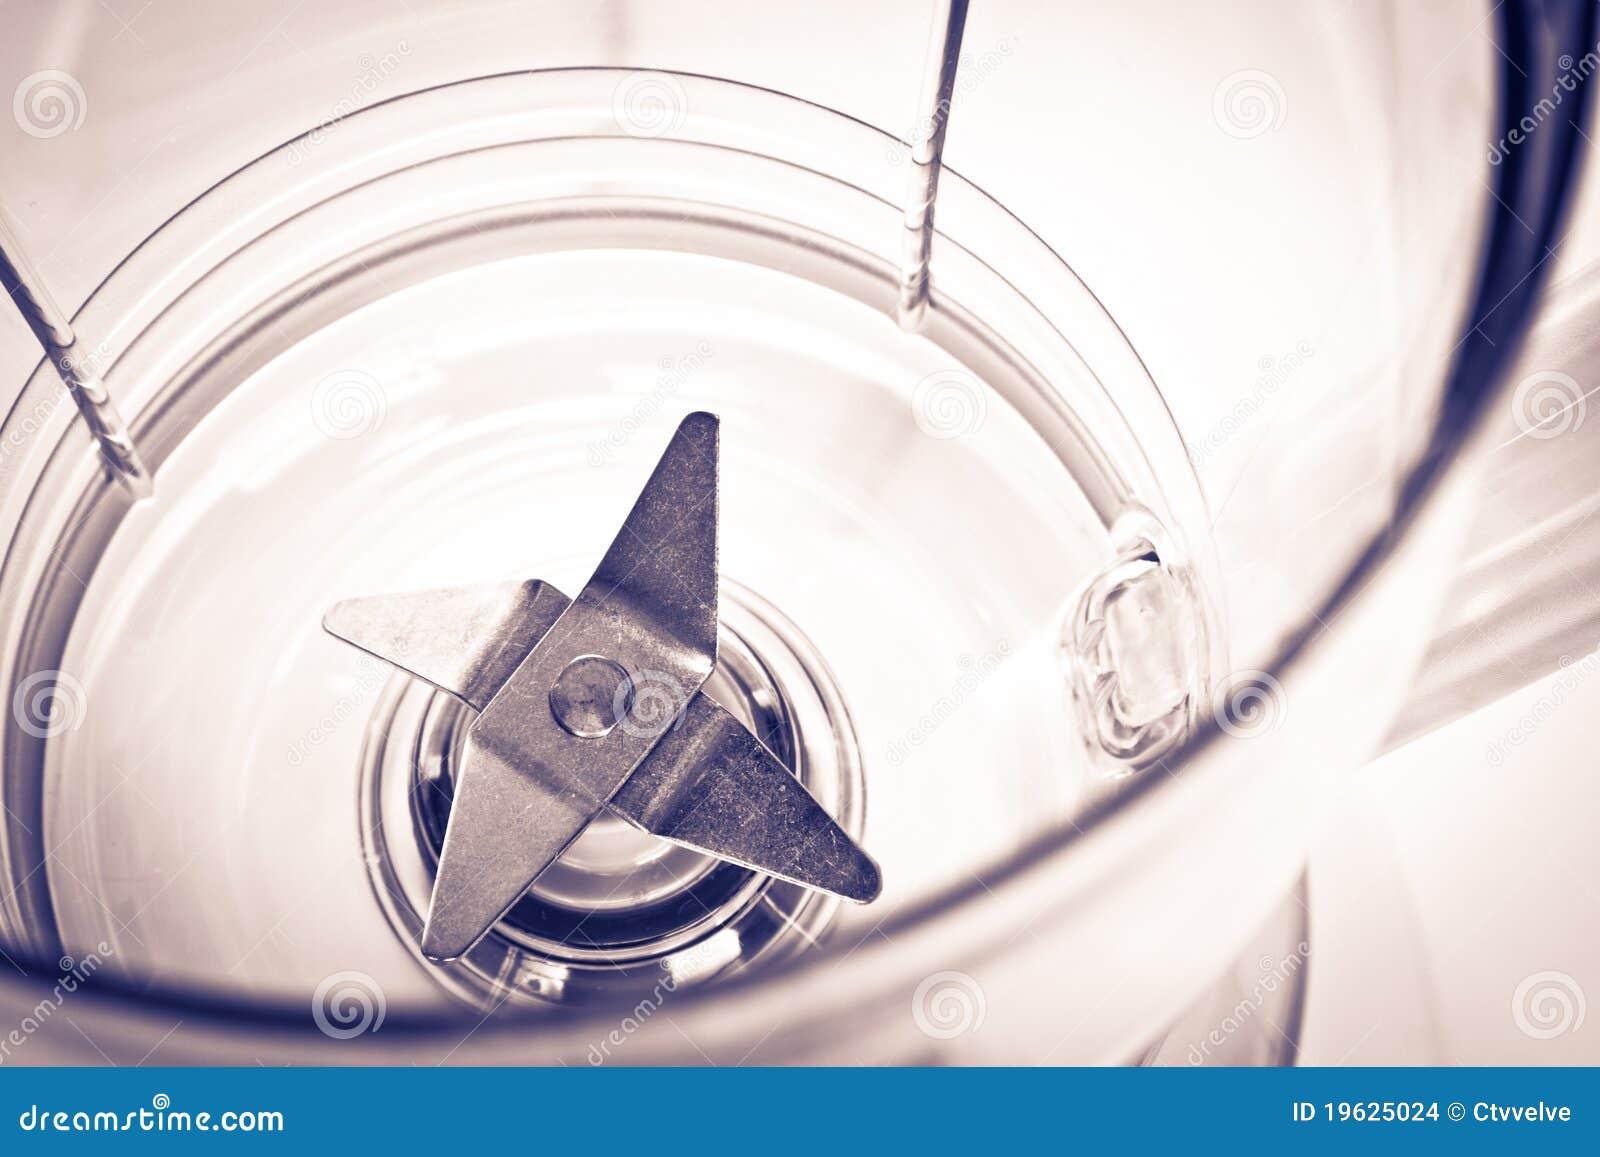 Lámina del mezclador